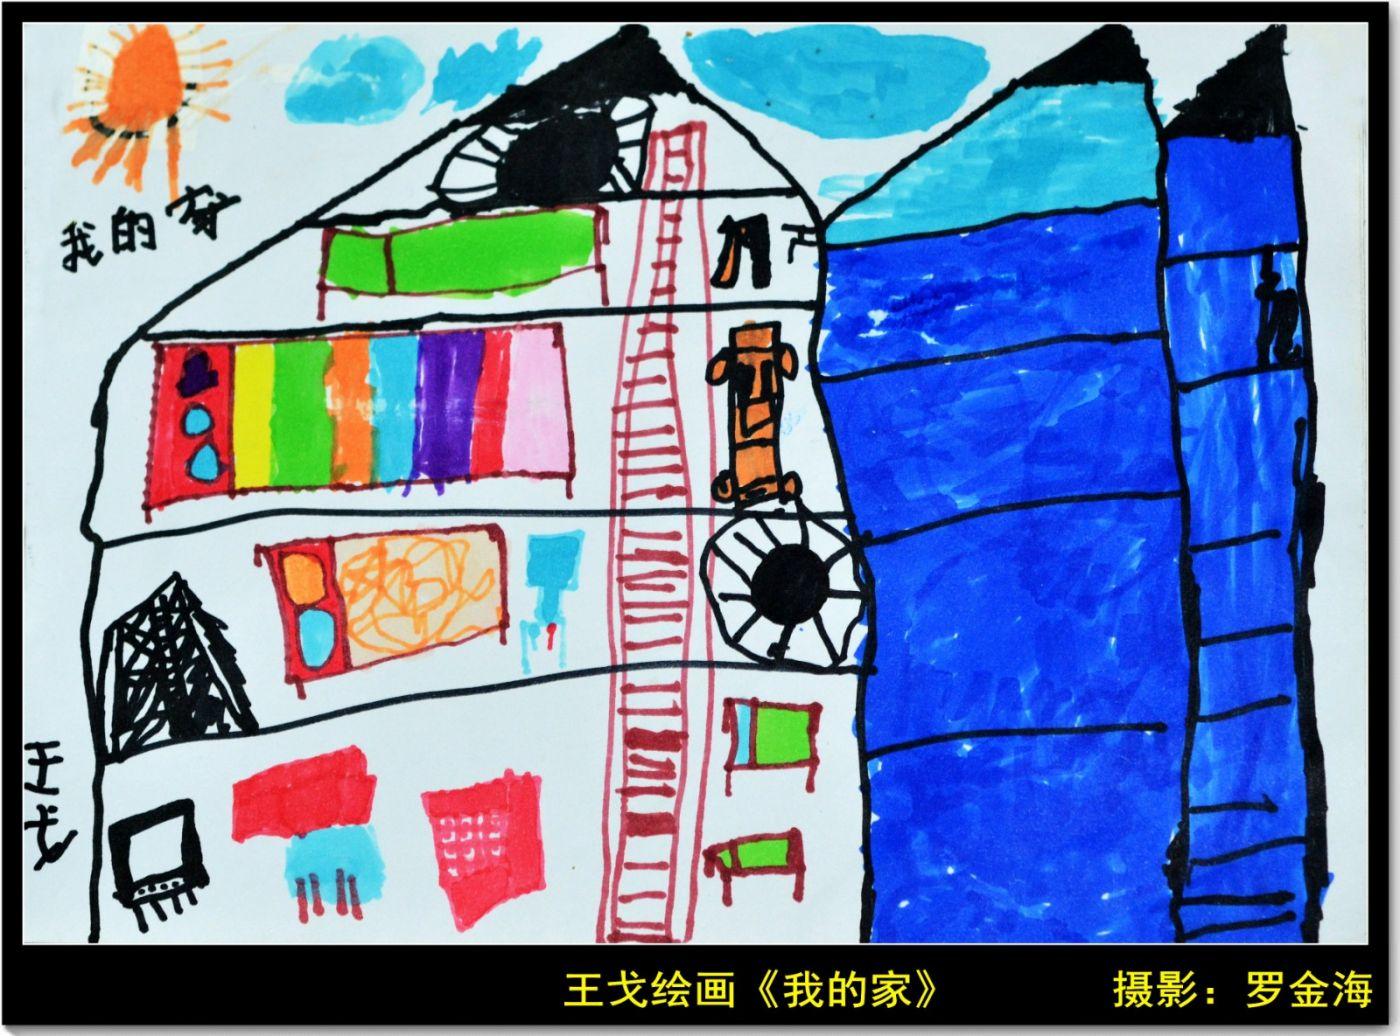 王戈的绘画欣赏(三)七律_图1-5